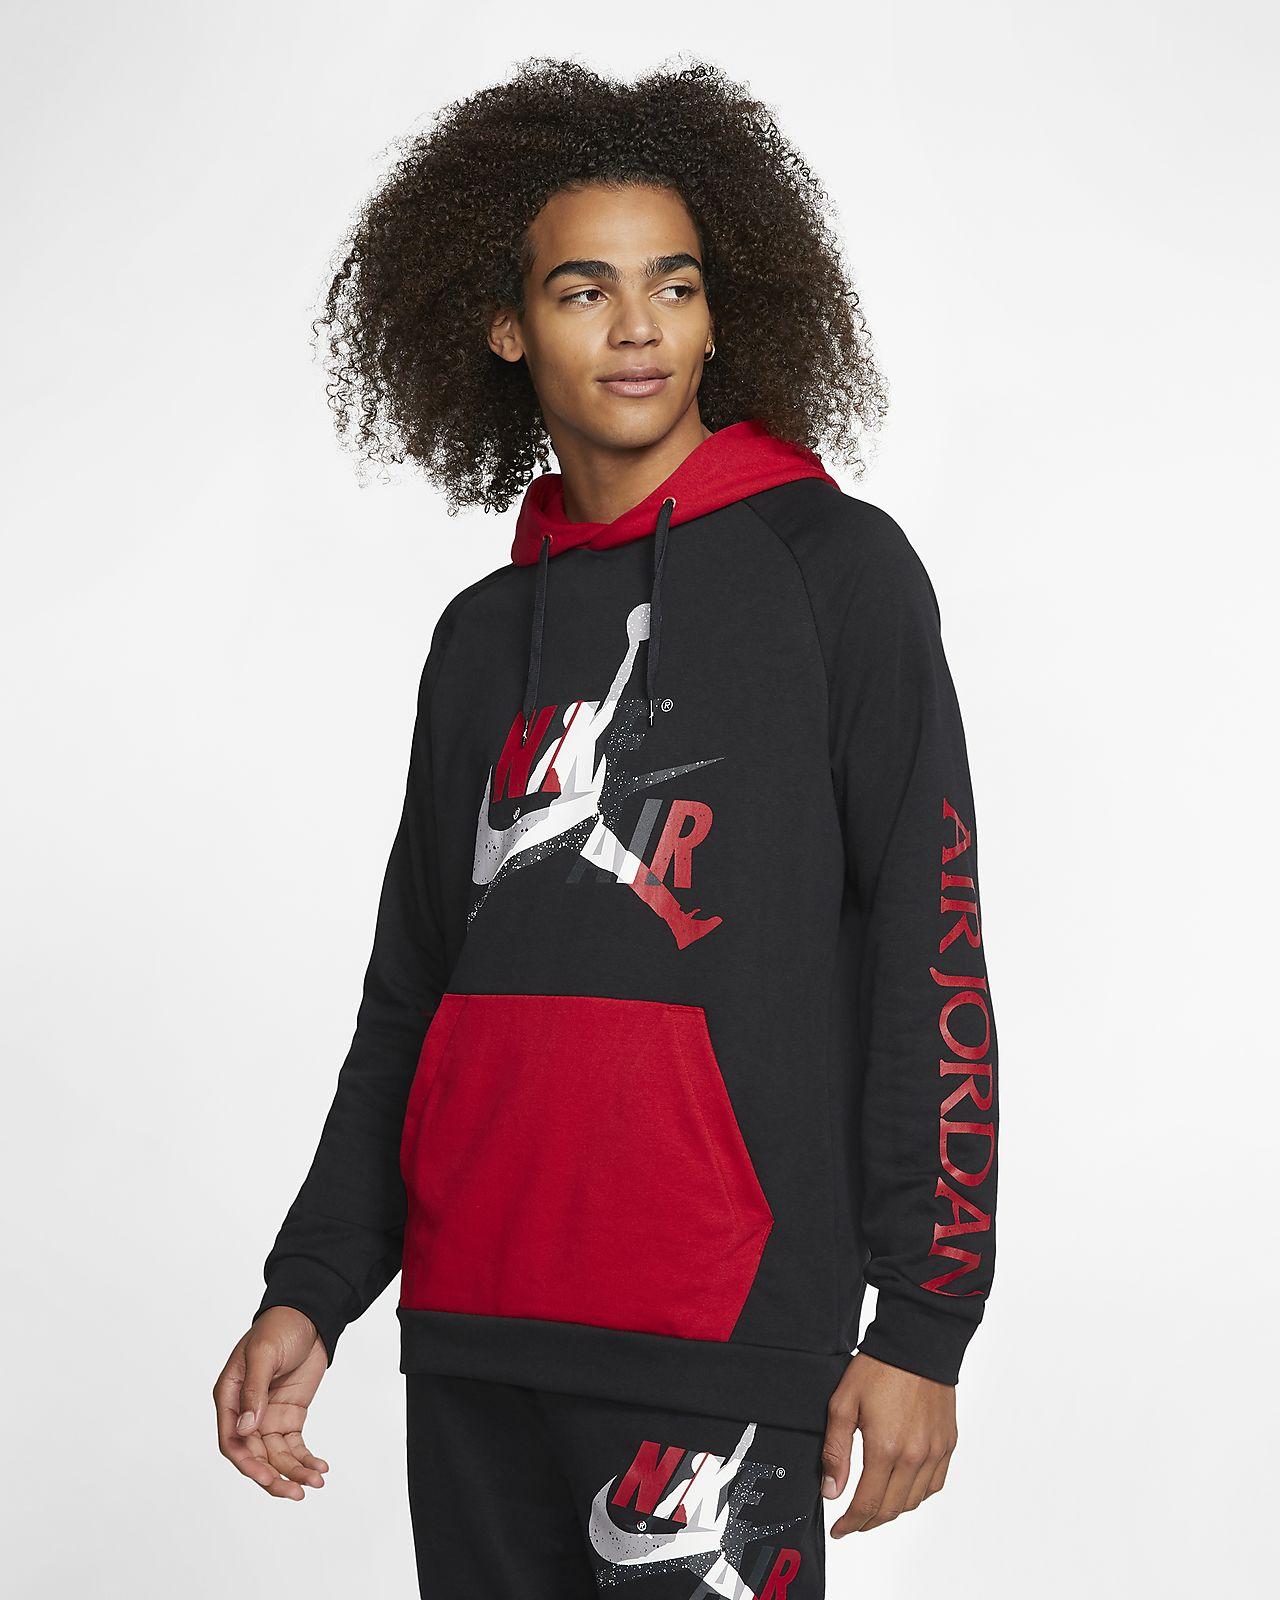 เสื้อฟลีซแบบสวมน้ำหนักเบาผู้ชาย Jordan Jumpman Classics